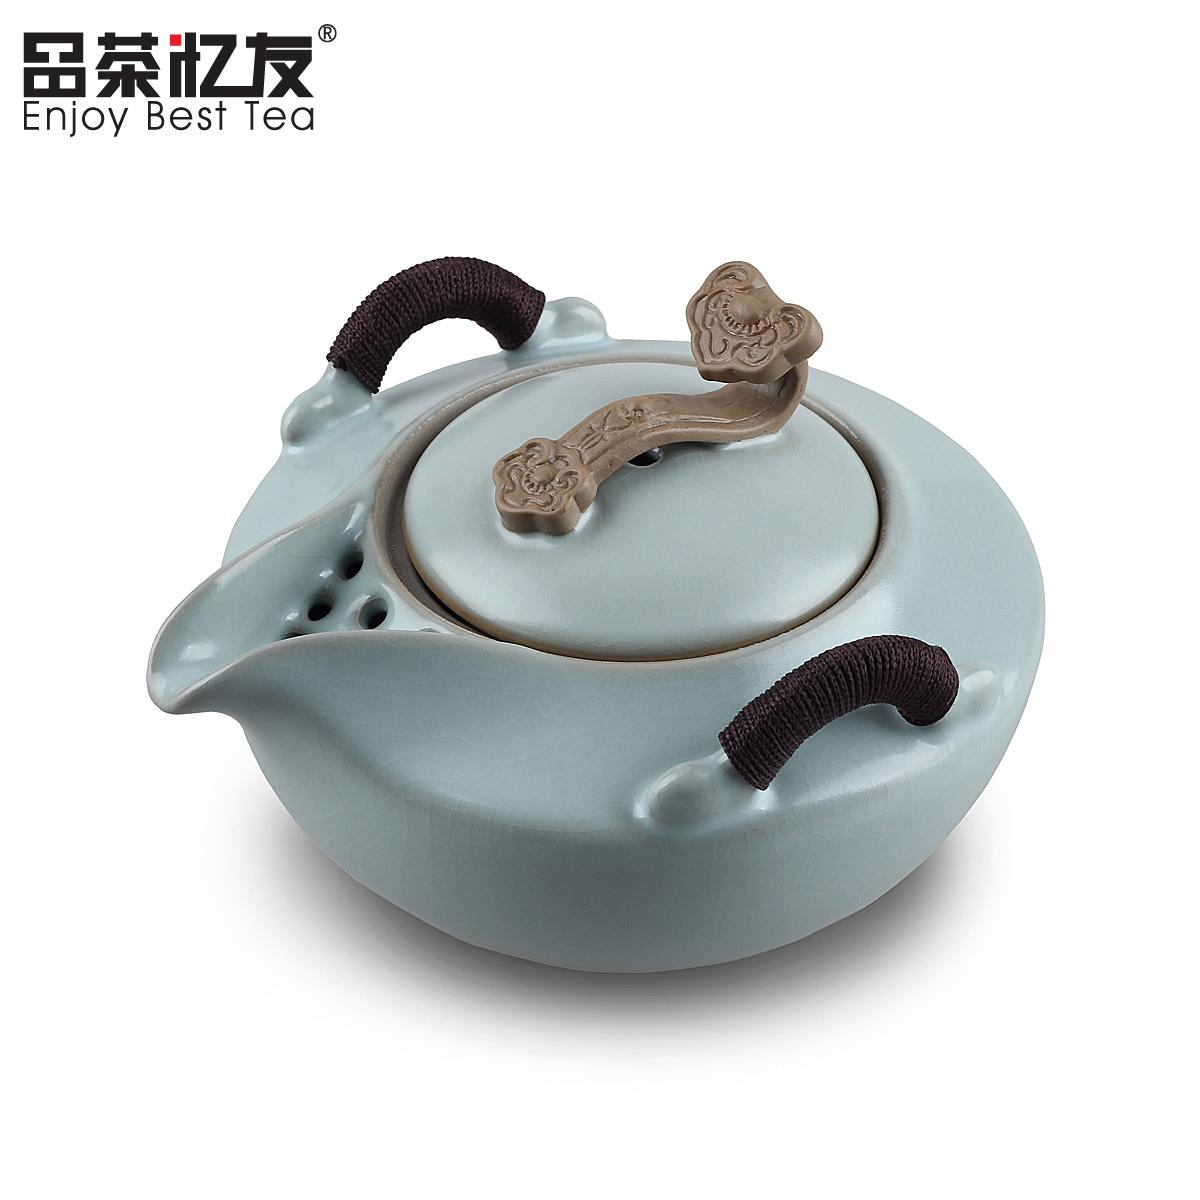 Заварочный чайник Tea memory Friends of 022423010804